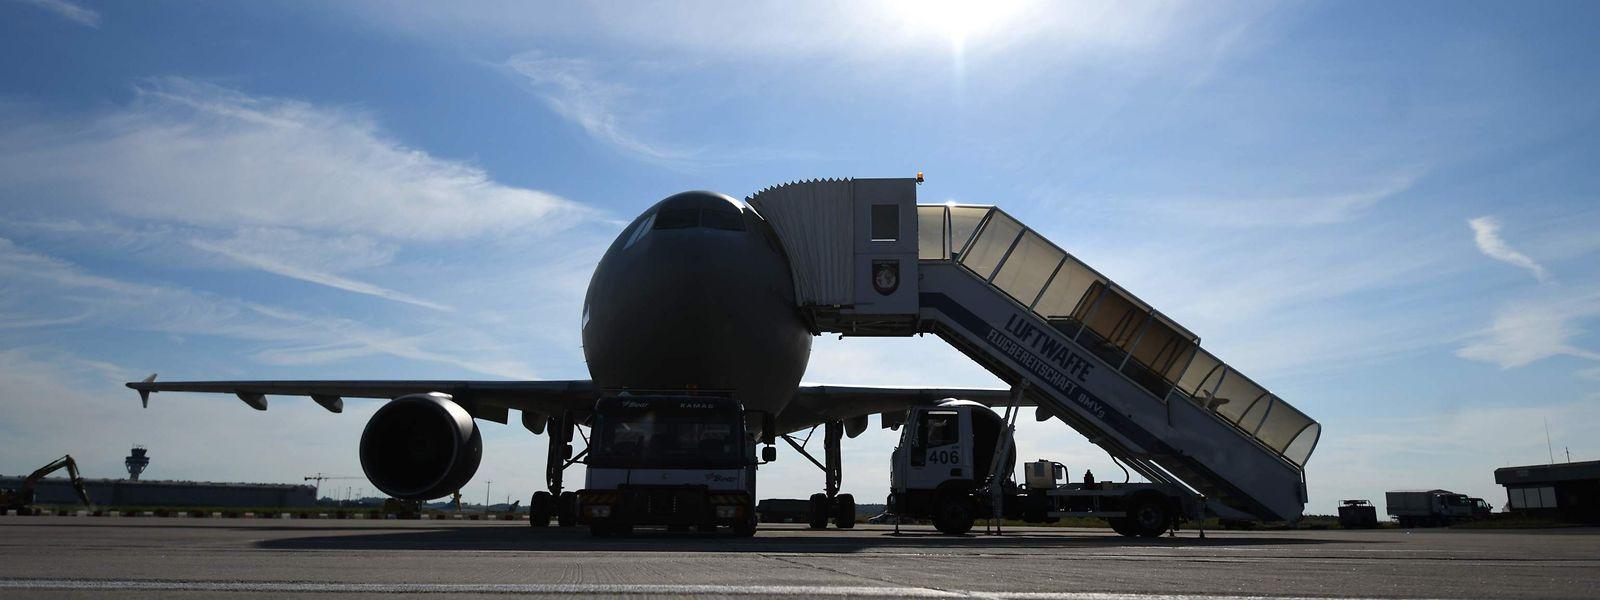 L'an passé, l'aéroport régional a vu passer 263.000 voyageurs. Bien loin des 4,4 millions de passagers du Findel...